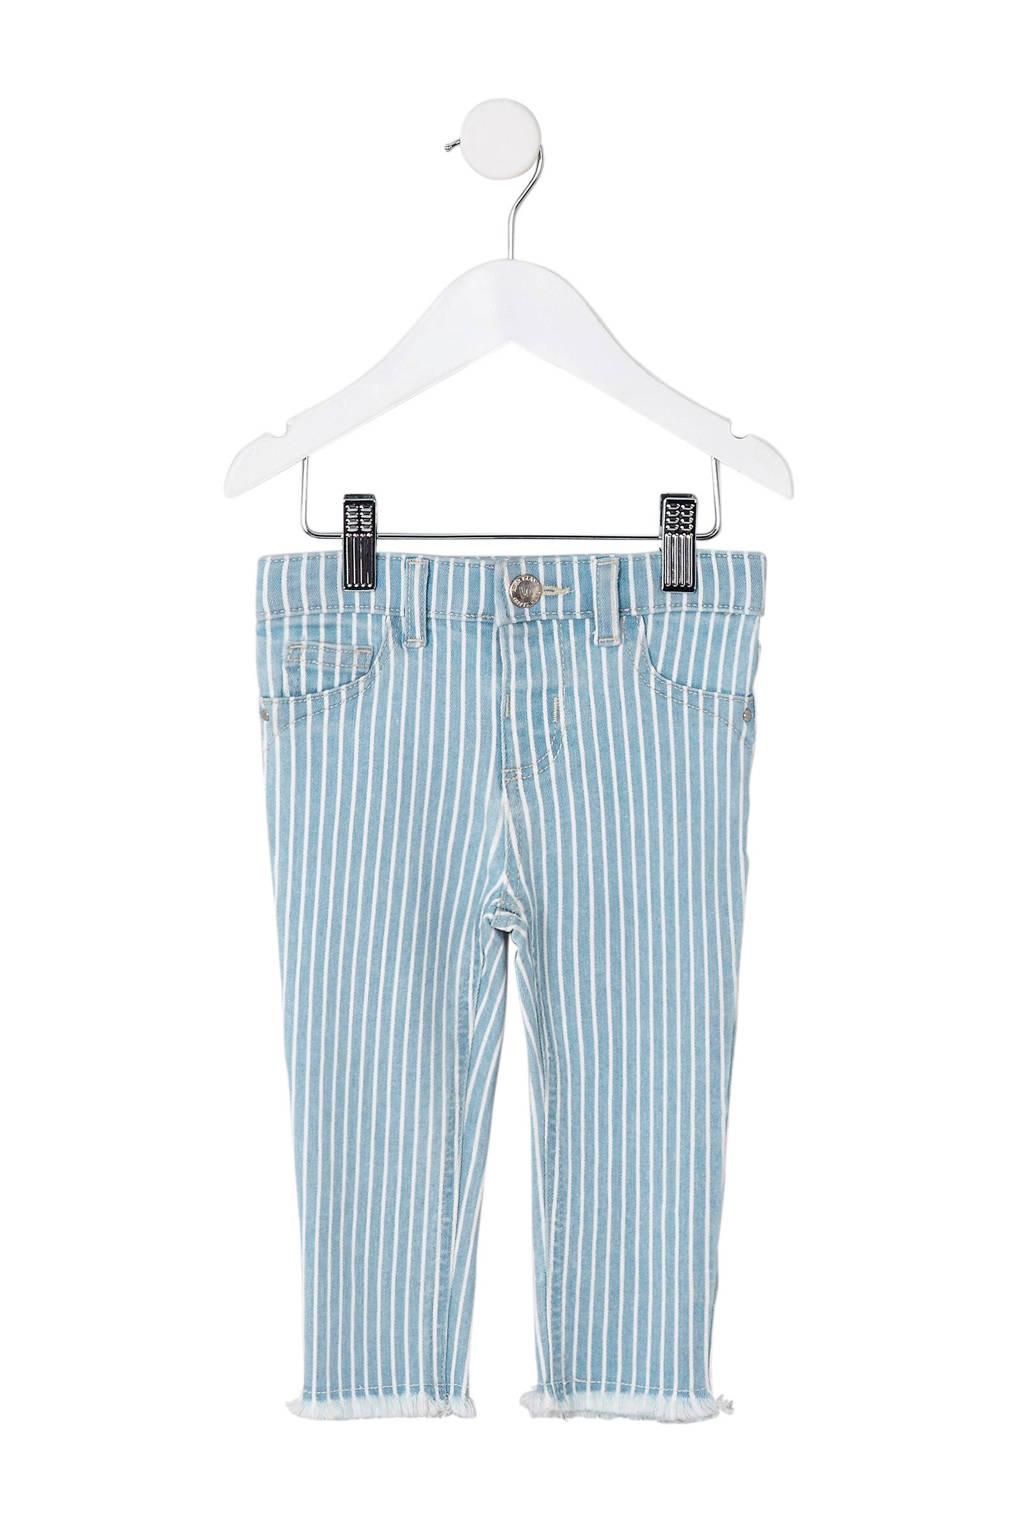 River Island gestreepte skinny fit broek lichtblauw, Lichtblauw/wit